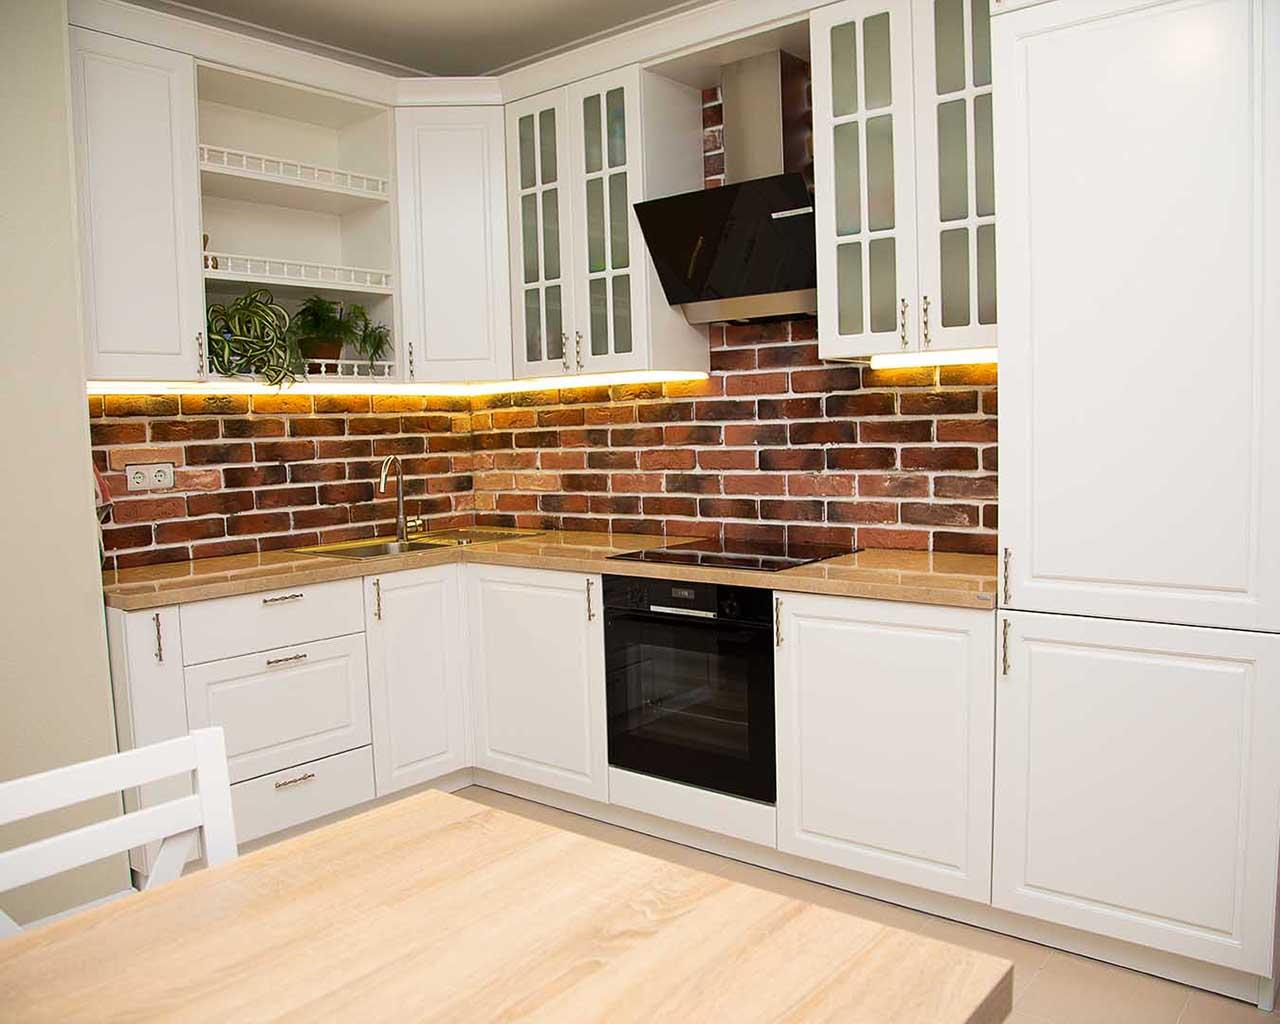 Аккуратная и стильная кухня Миа в белой отделке - выглядит потрясающе